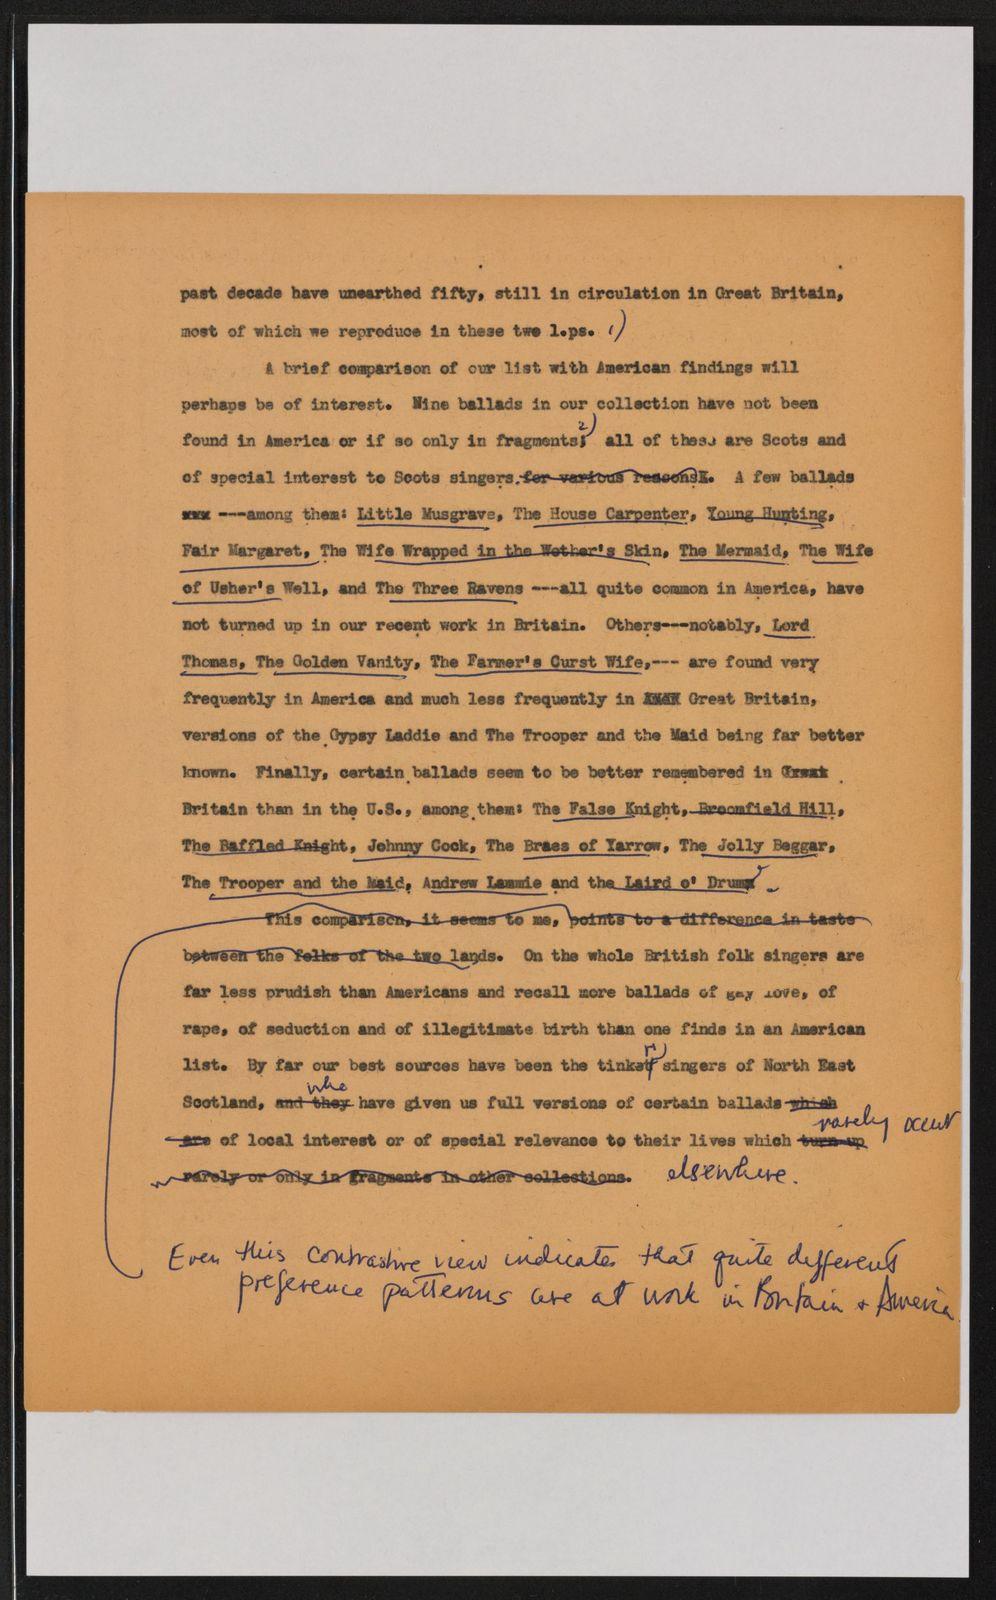 https://picryl.com/media/letter-from-sarah-fuller-to-alexander-graham ...